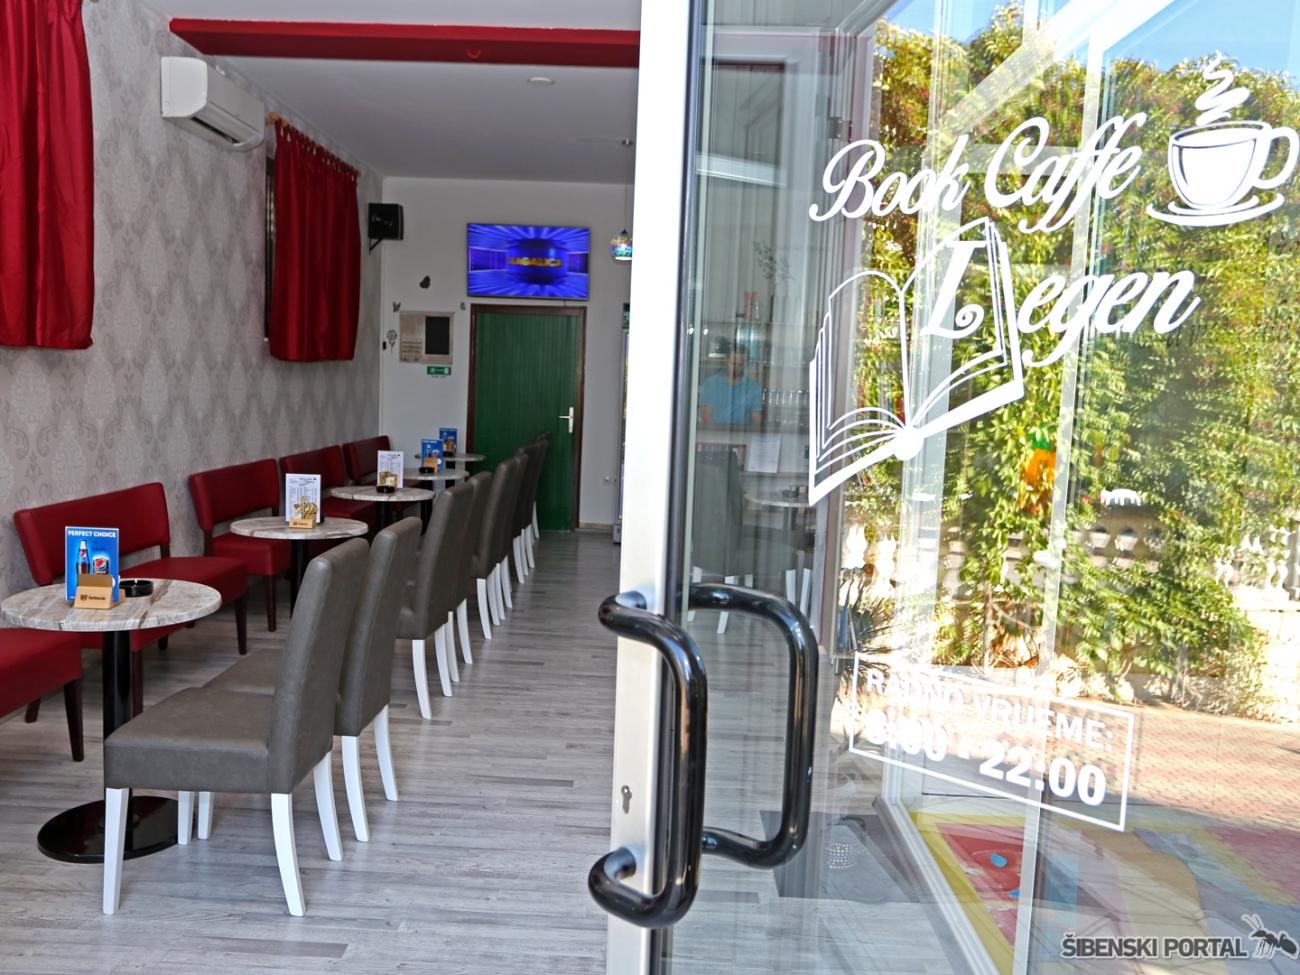 book caffe legen vidici 070917 18